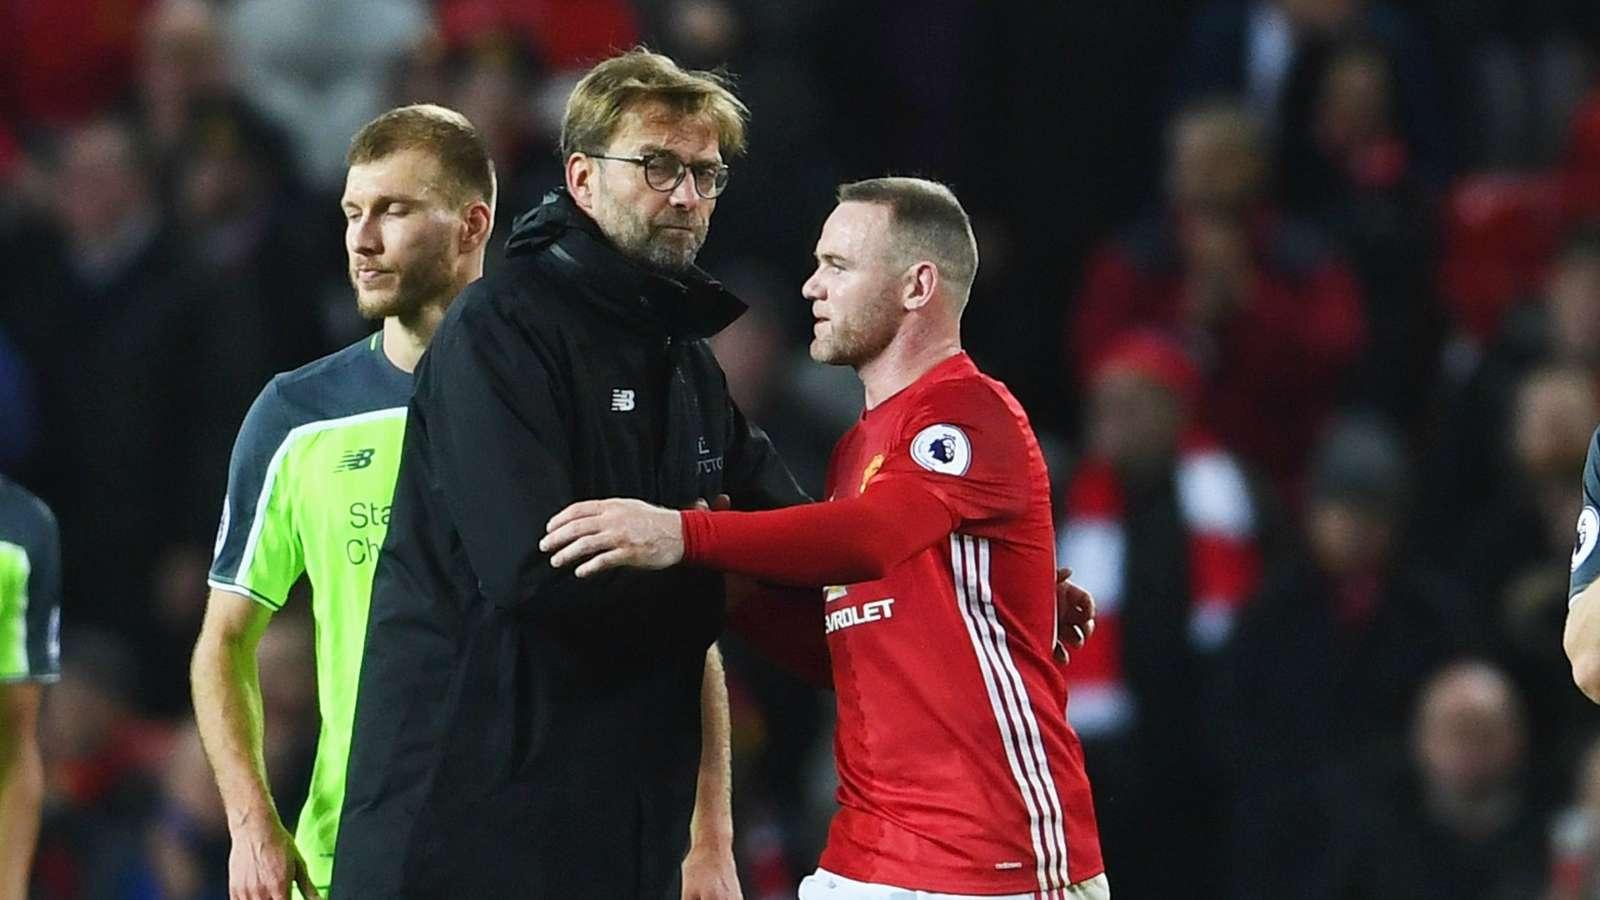 鲁尼打趣克洛普:唯一的错误就是为利物浦工作,还成功了